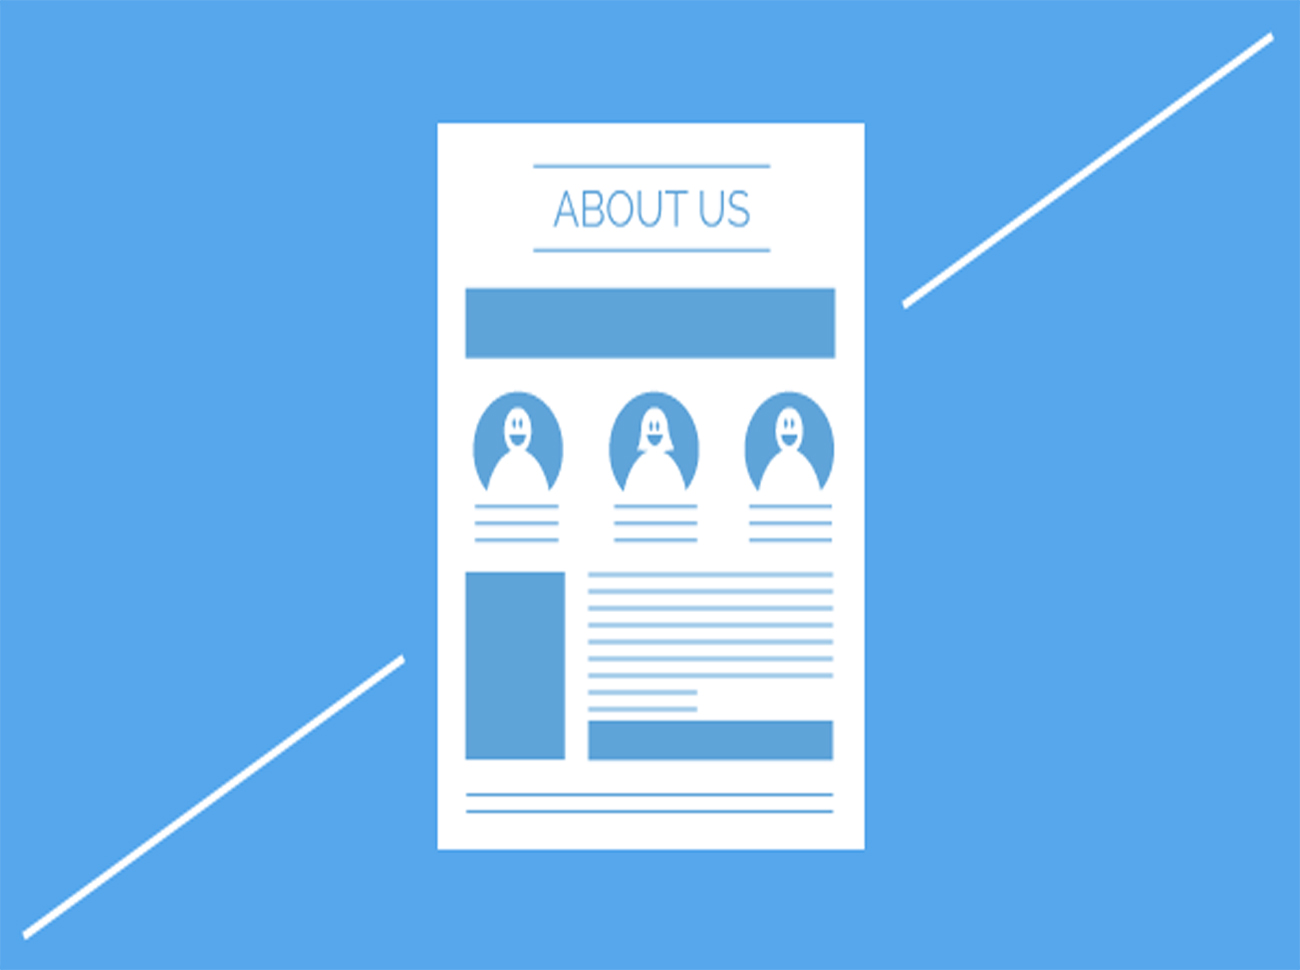 Hakkımızda Sayfası Optimizasyonu İle Dönüşüm Artırmak